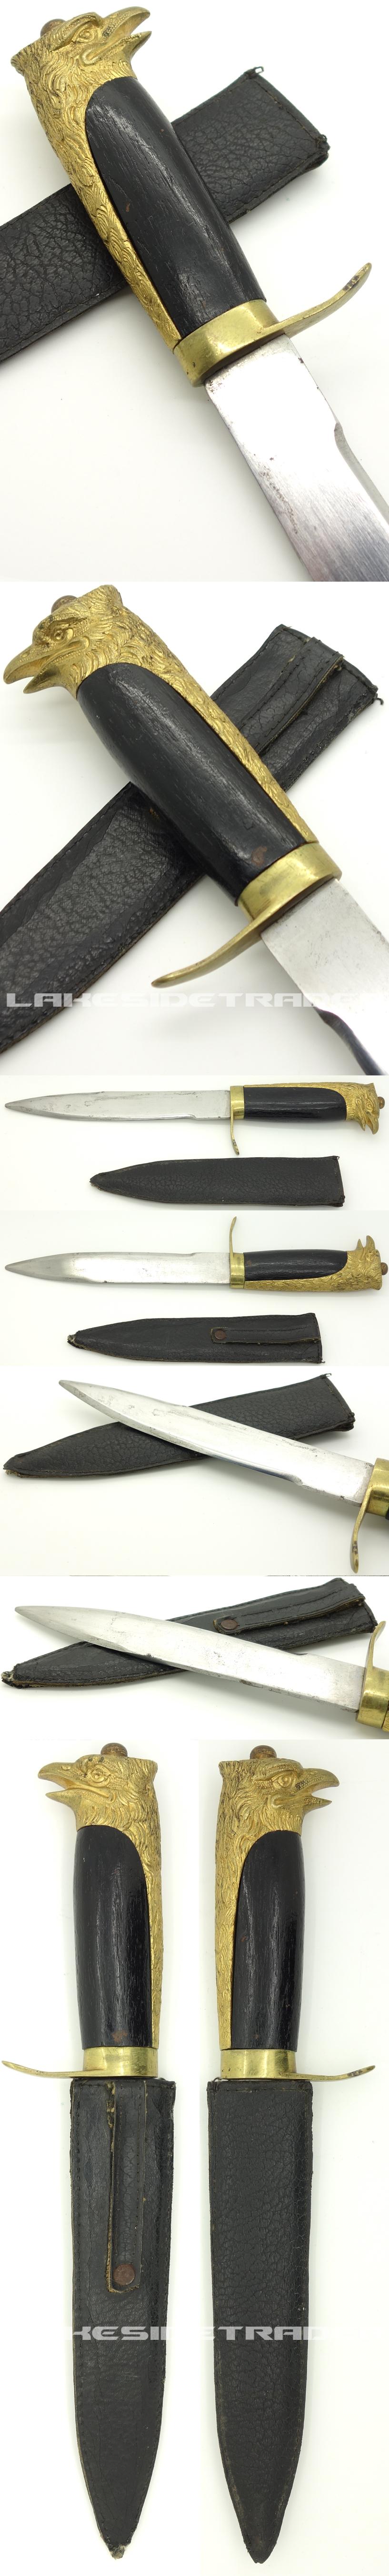 Italian Youth Knife